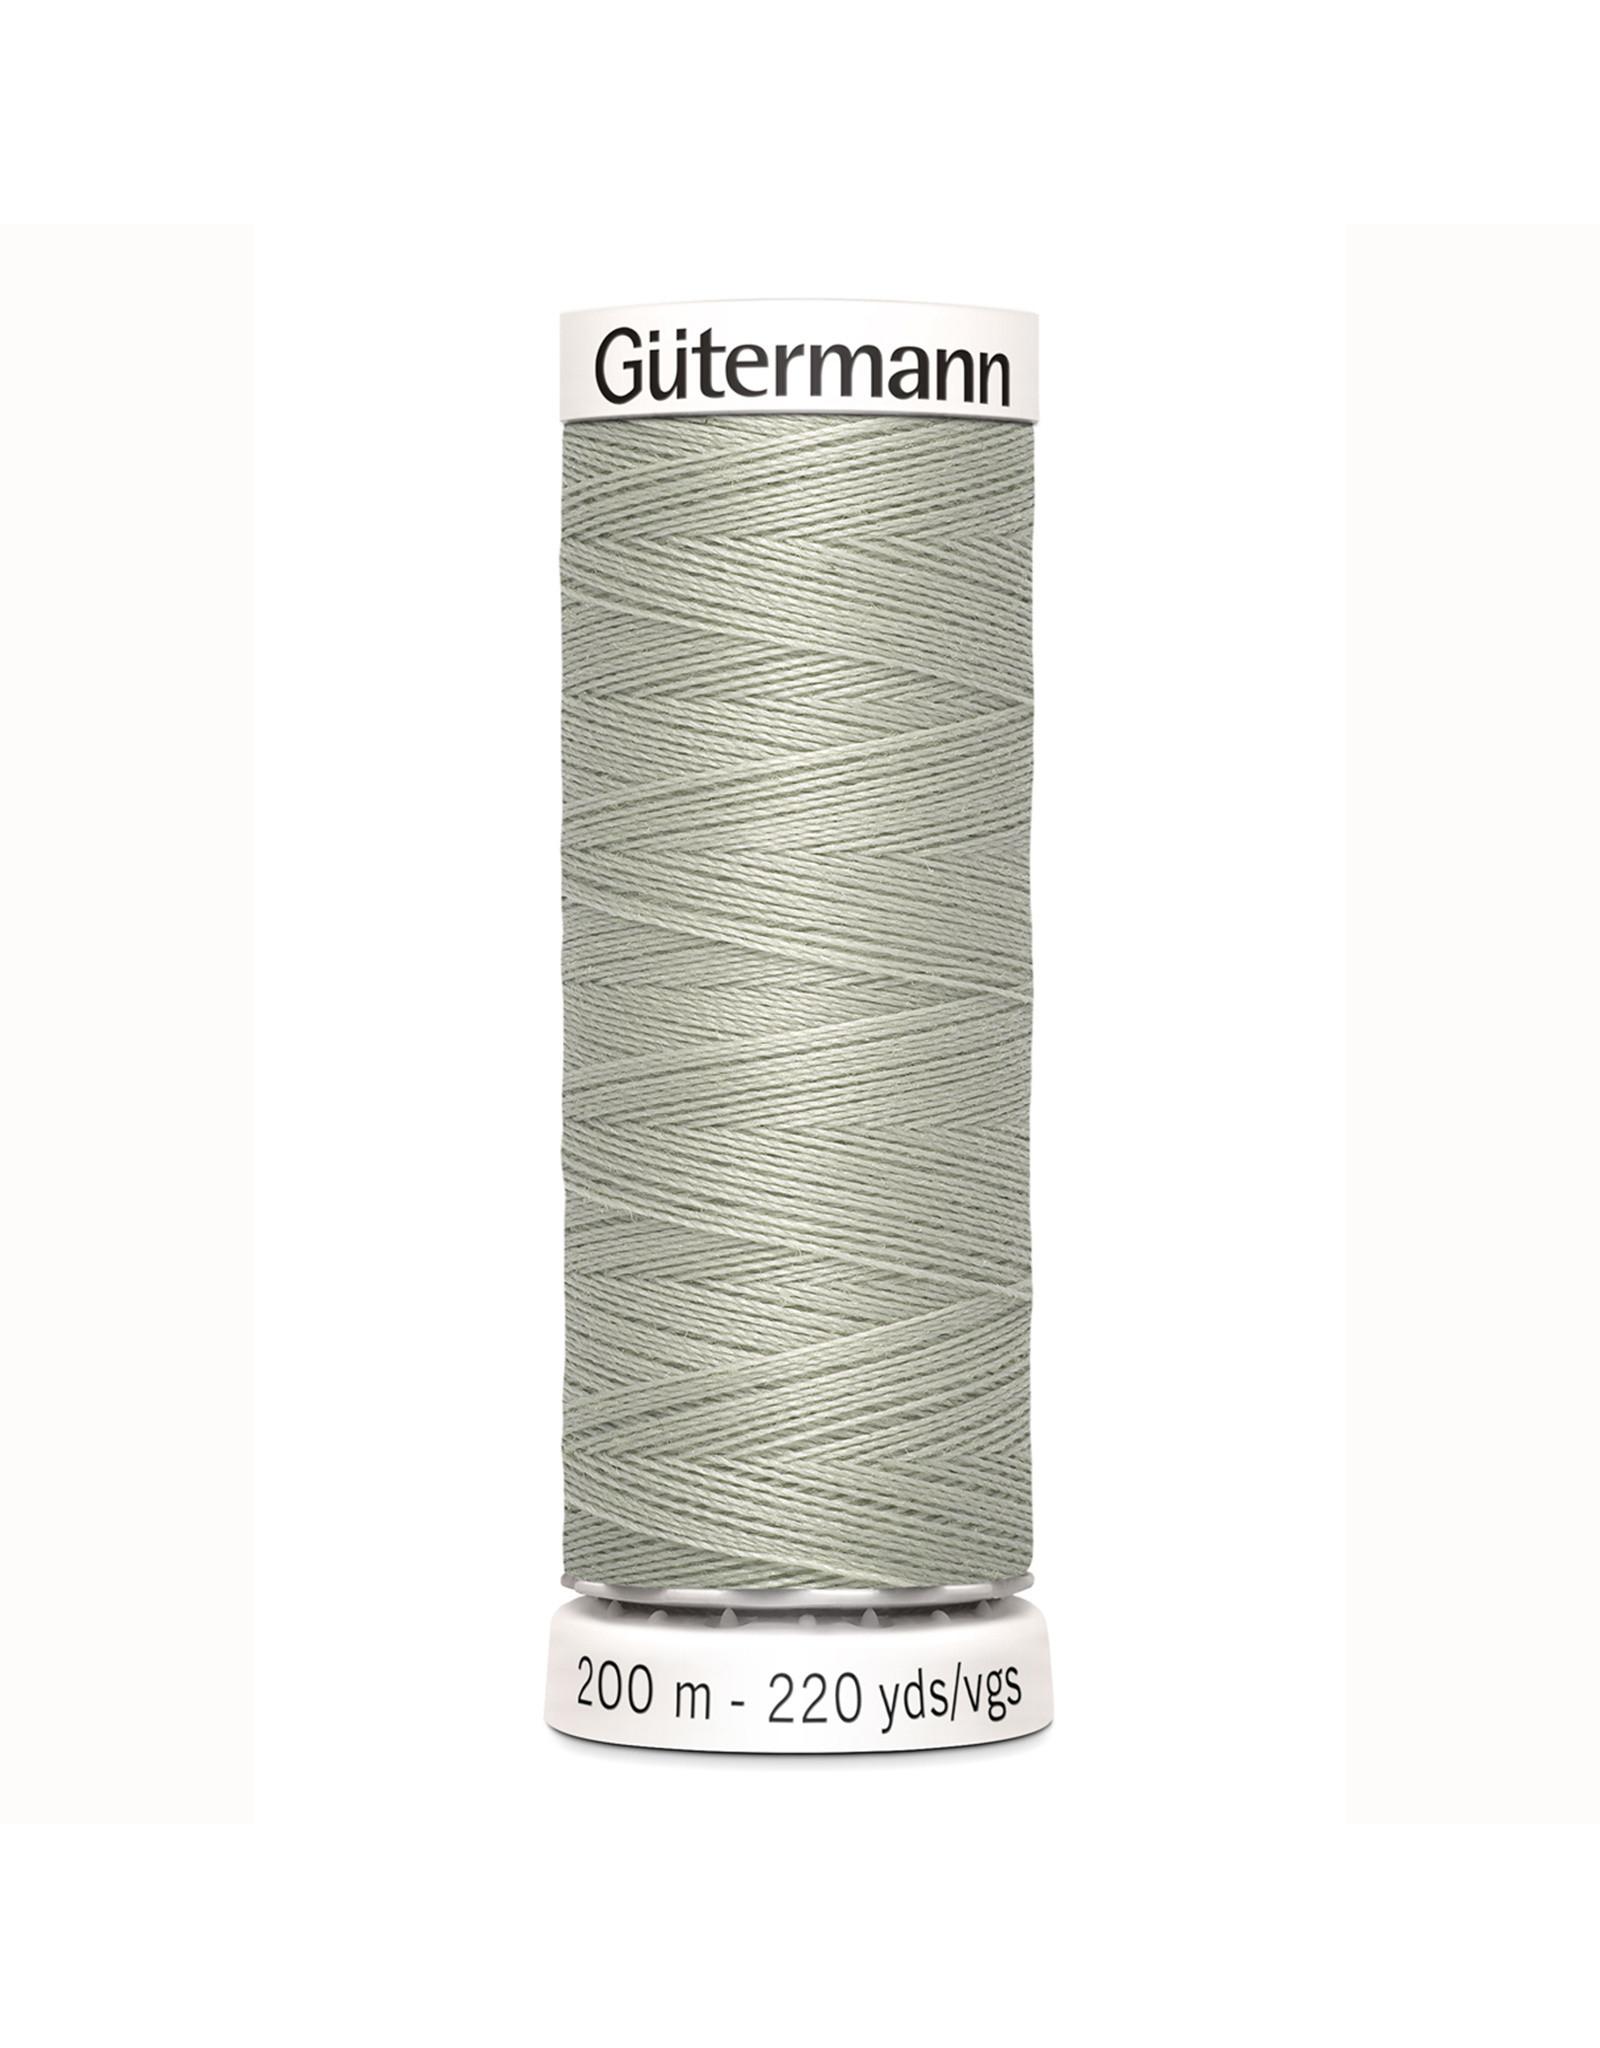 Gütermann Gütermann Nähgarn 200 m - nr 633